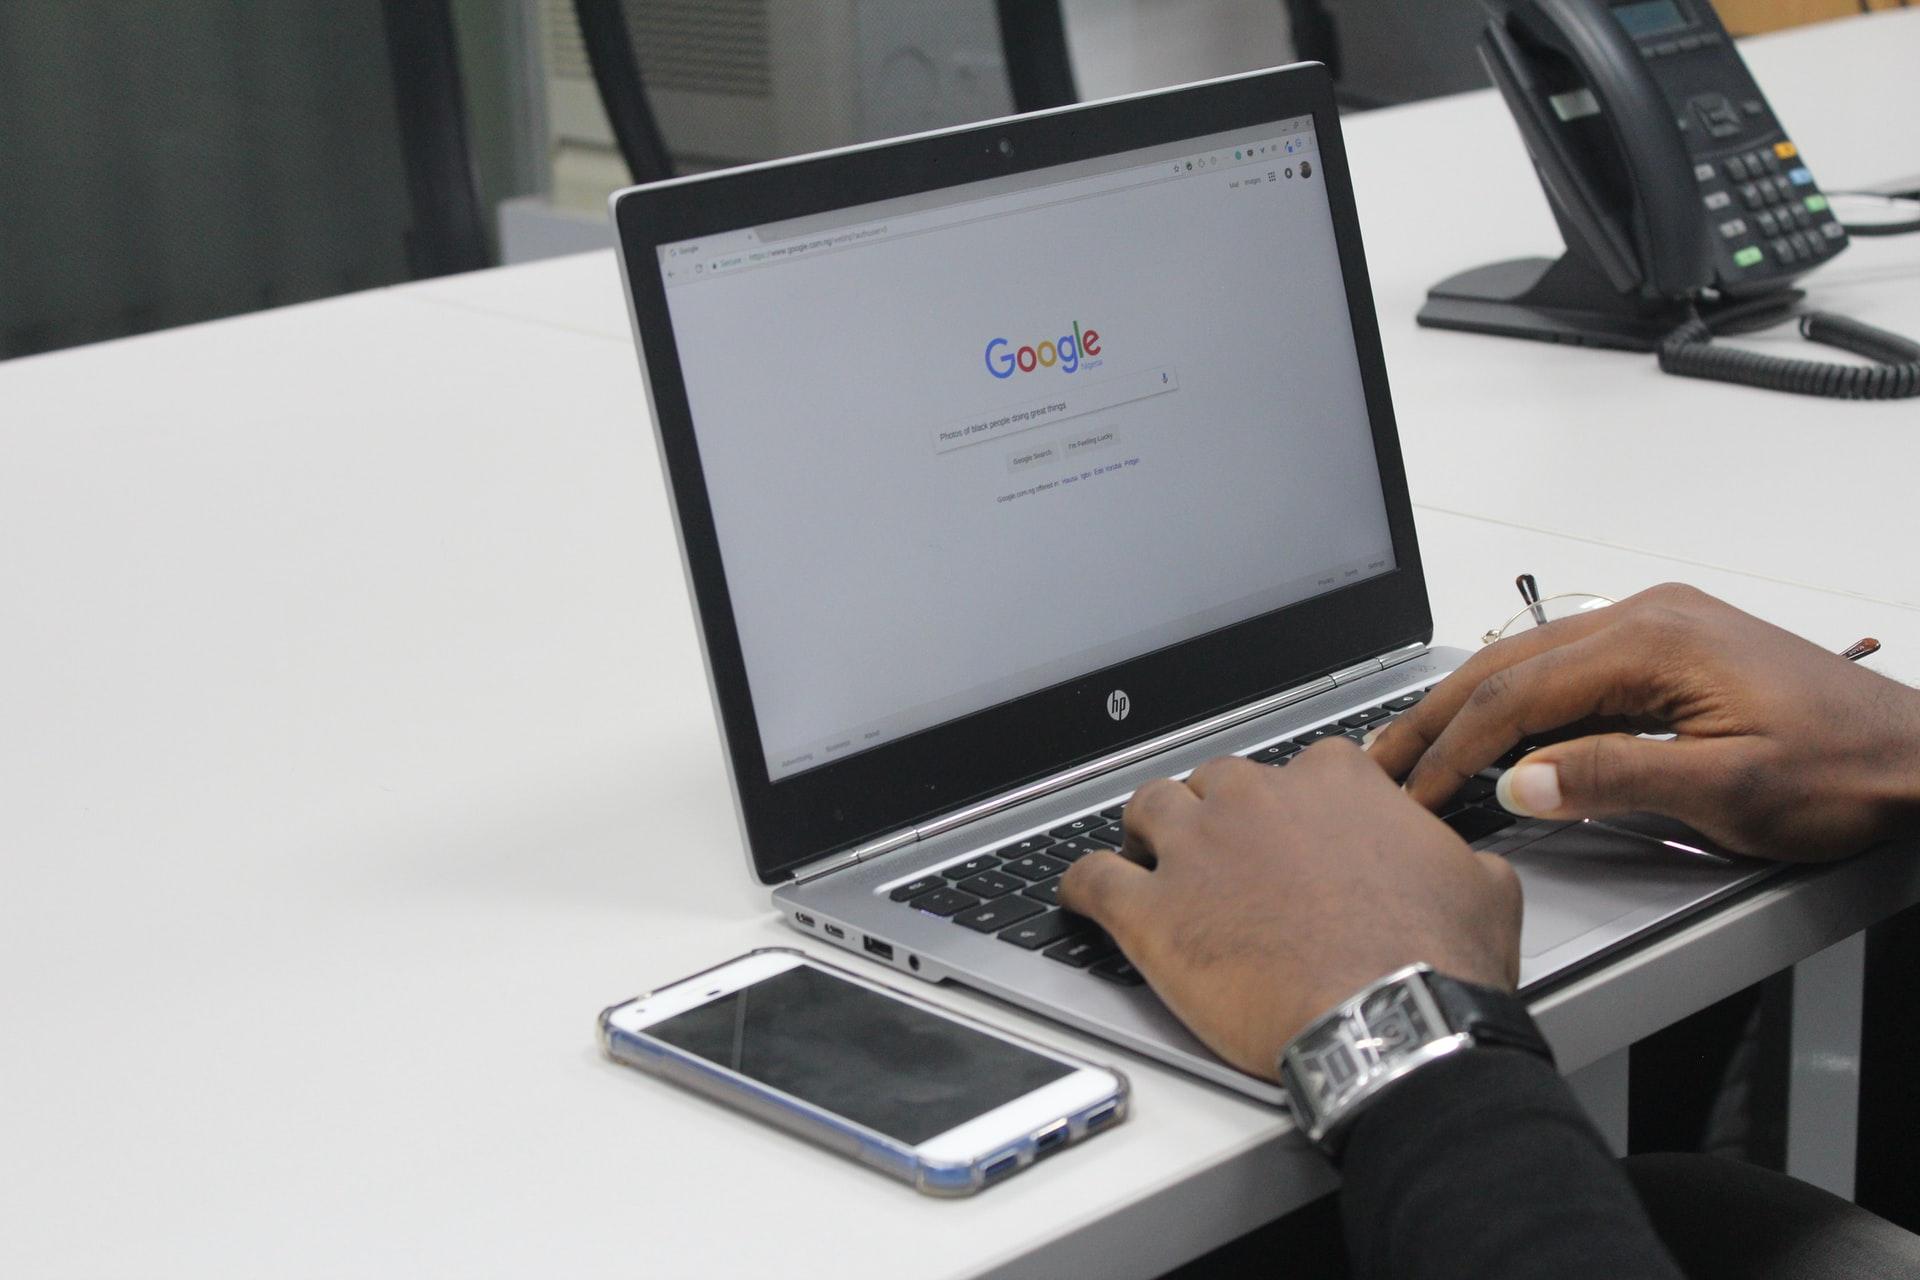 Tre gode råd til dig der kæmper med internettet